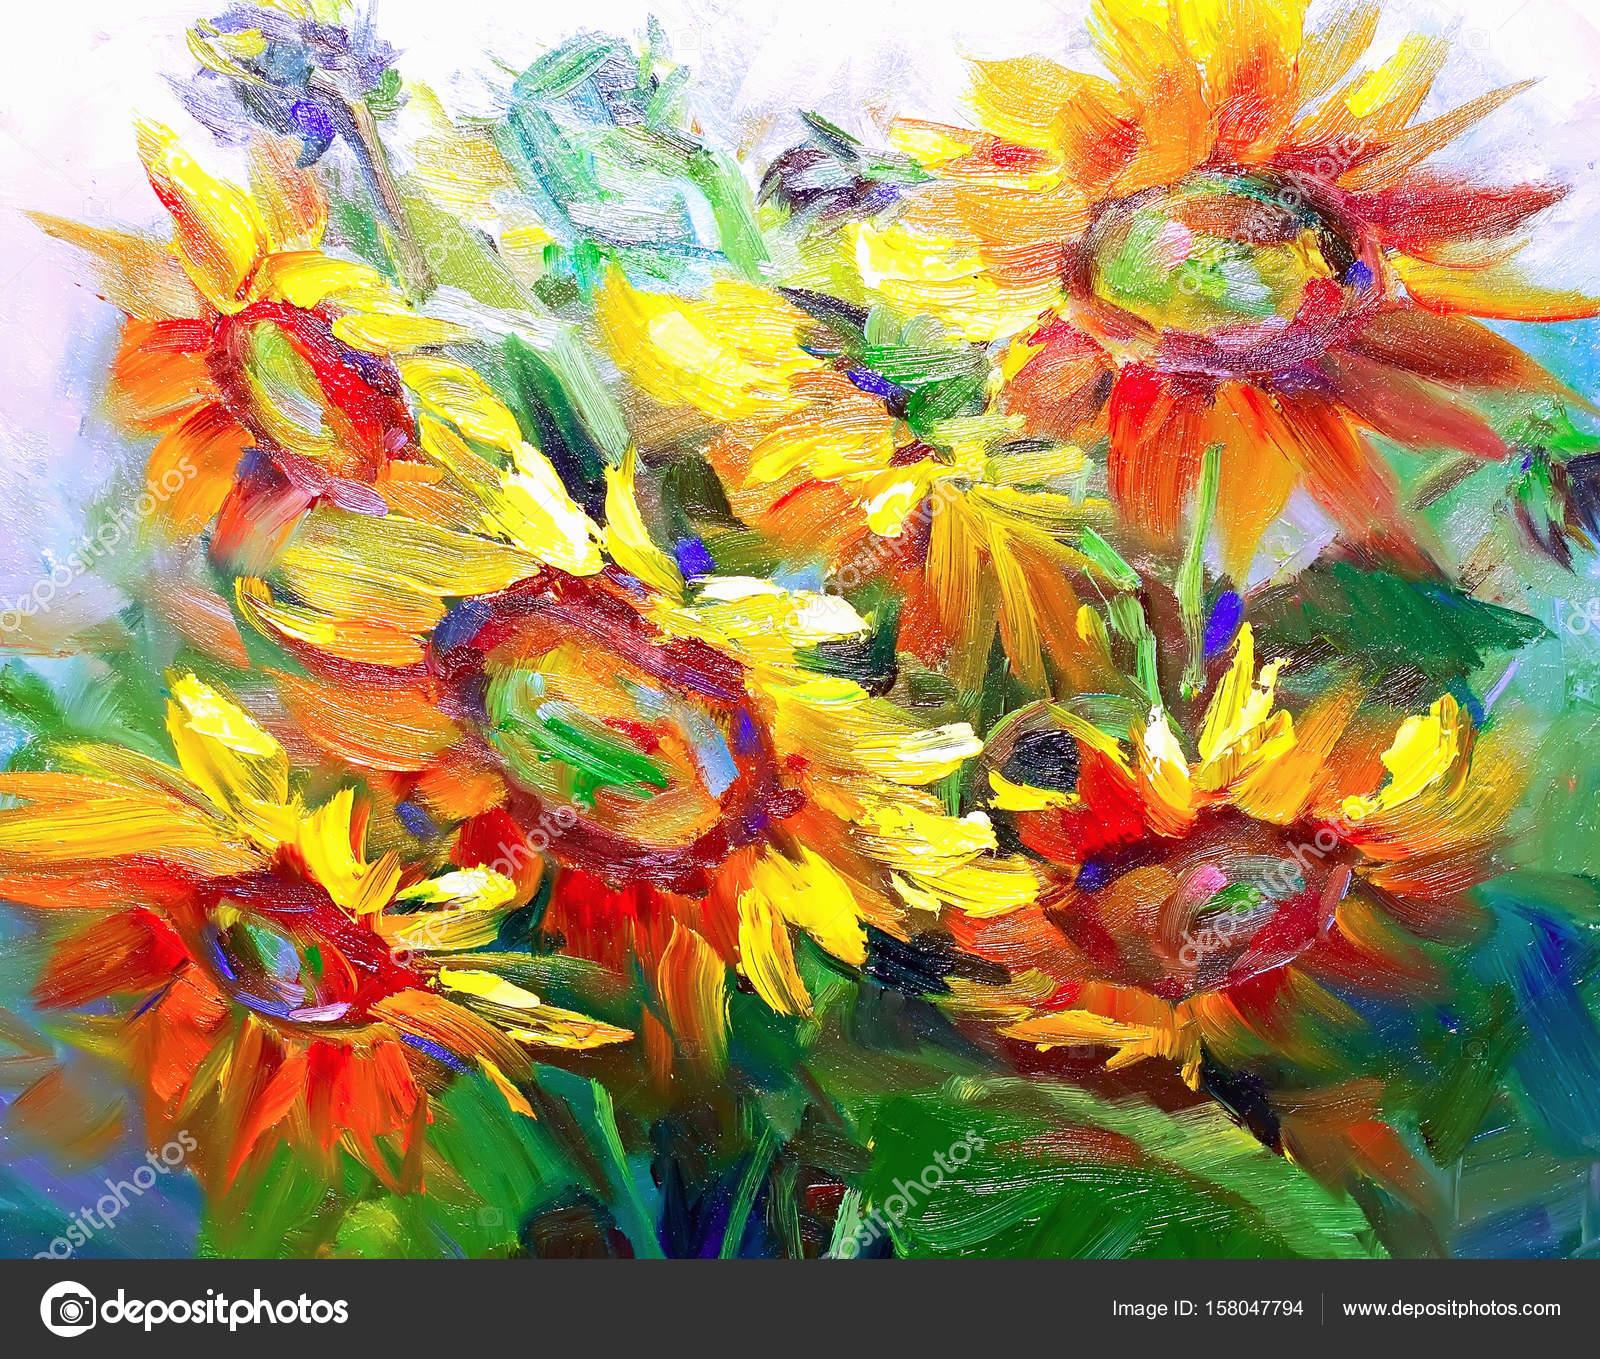 Easy Beautiful Flower Paintings Texture Oil Paintings